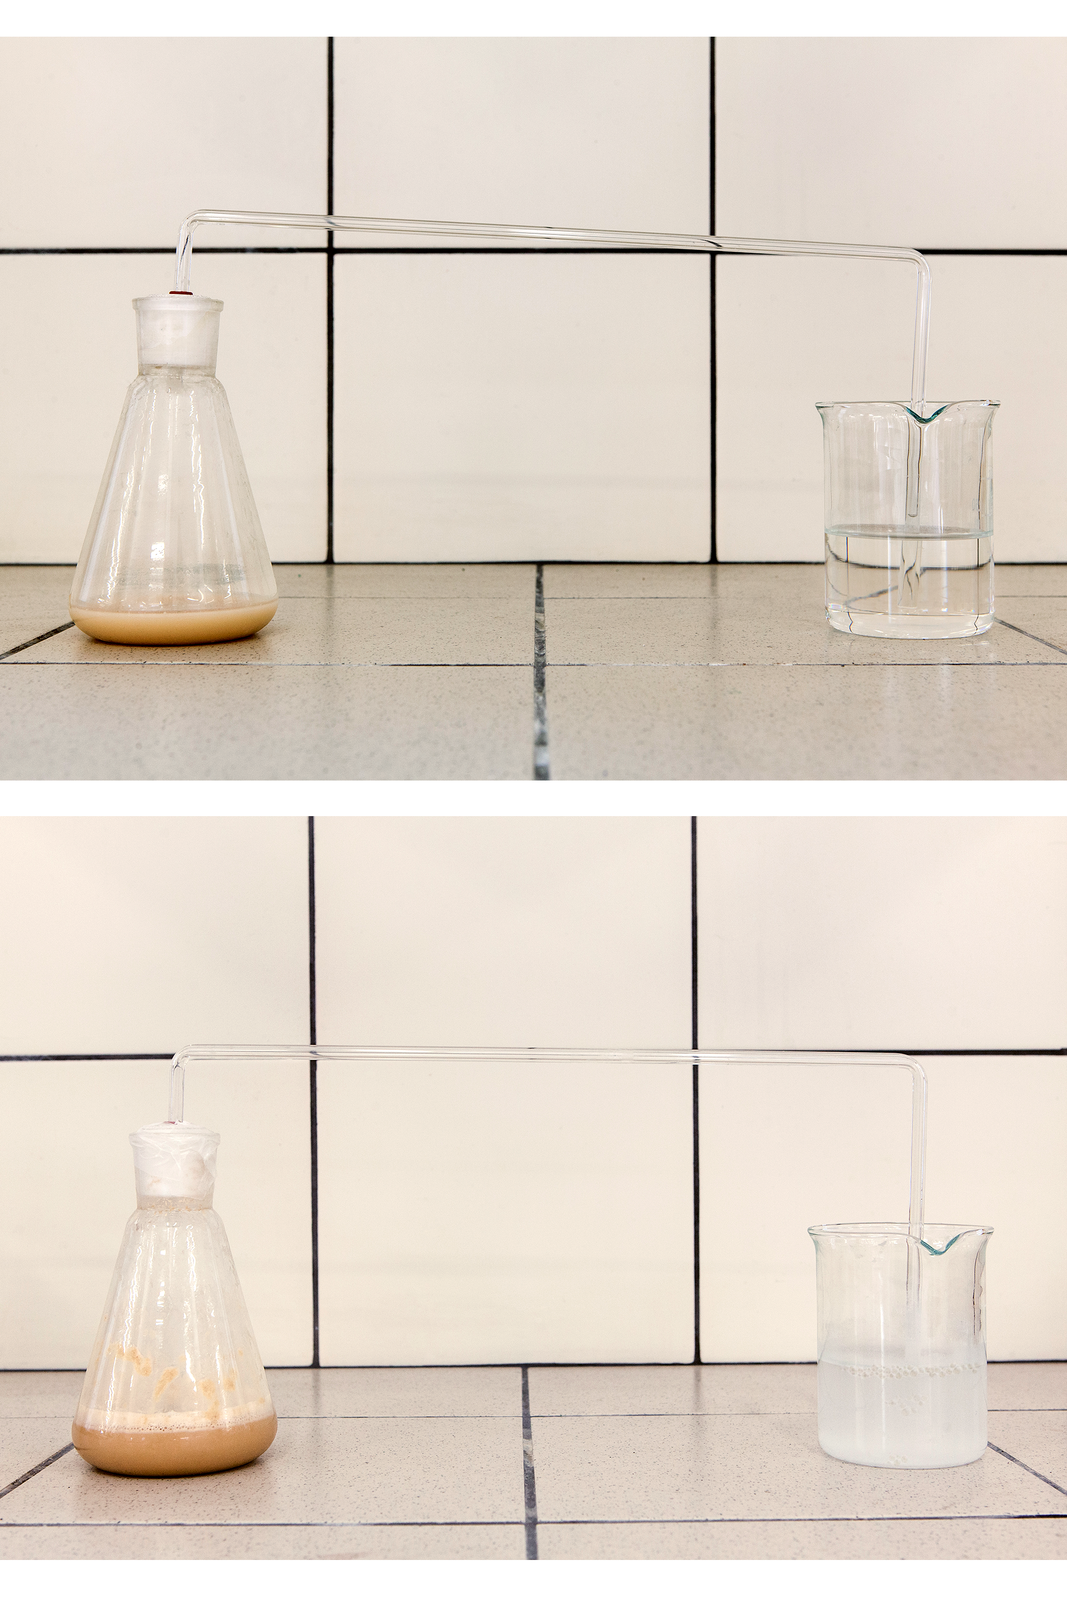 Zdjęcie przedstawiające jak woda wapienna mętnieje pod wpływem gazu wydzielającego się podczas fermentacji alkoholowej